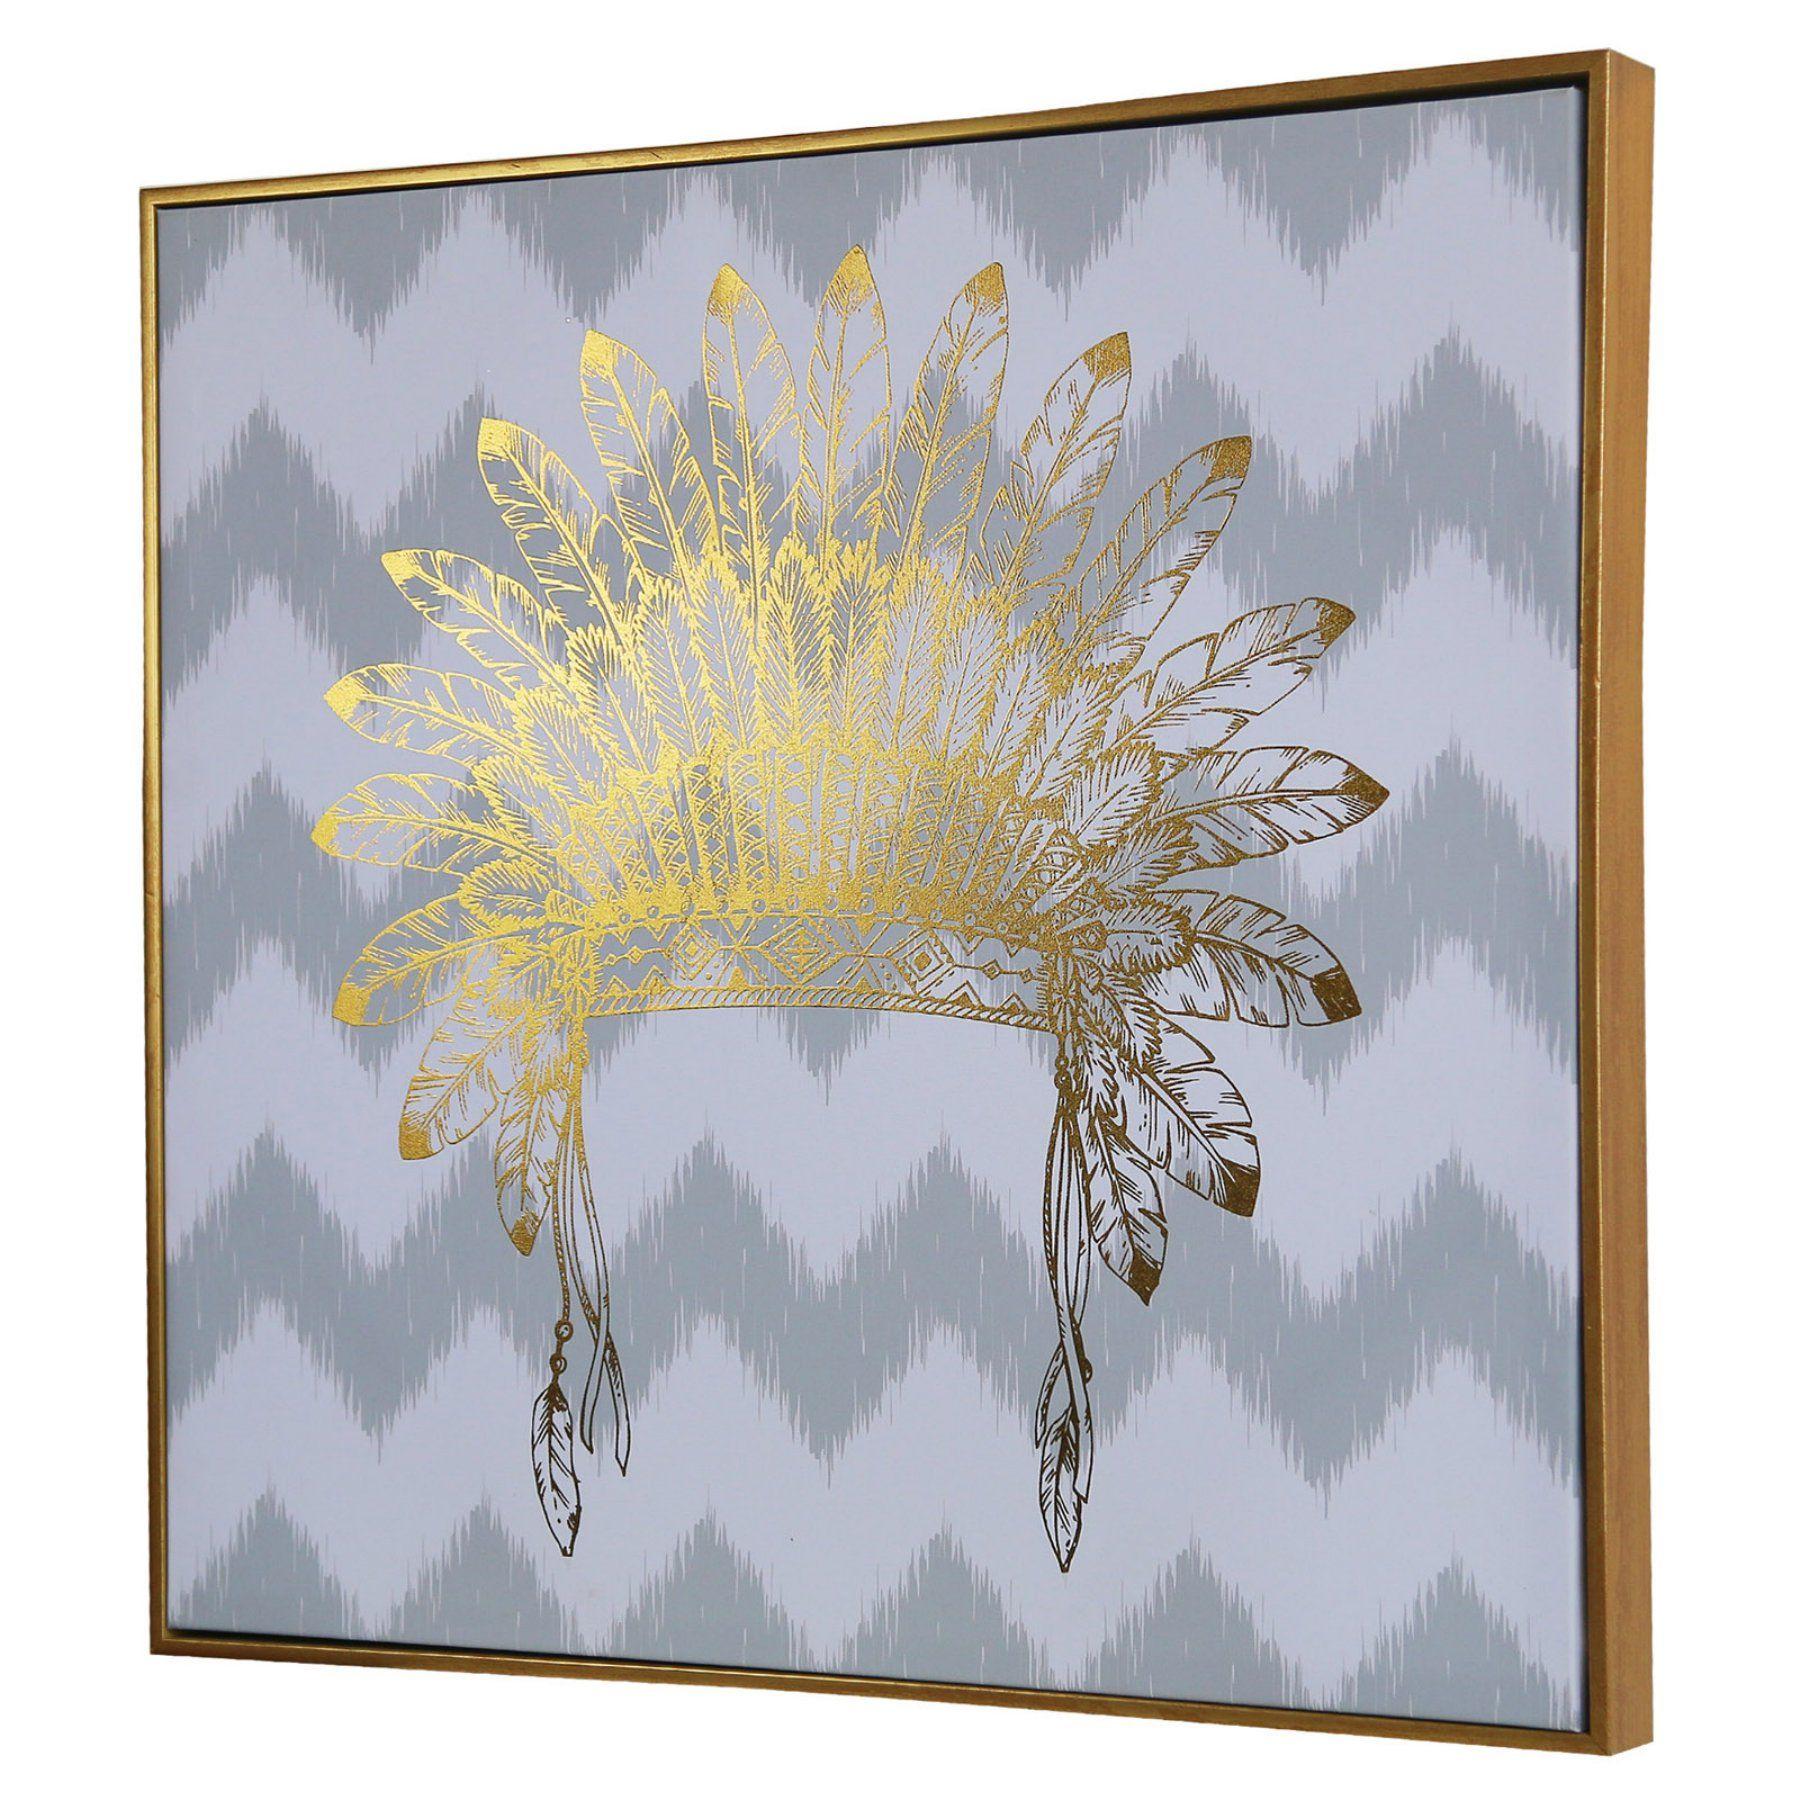 Cdi International Furniture Gold Foil Large War Bonnet Wall Art